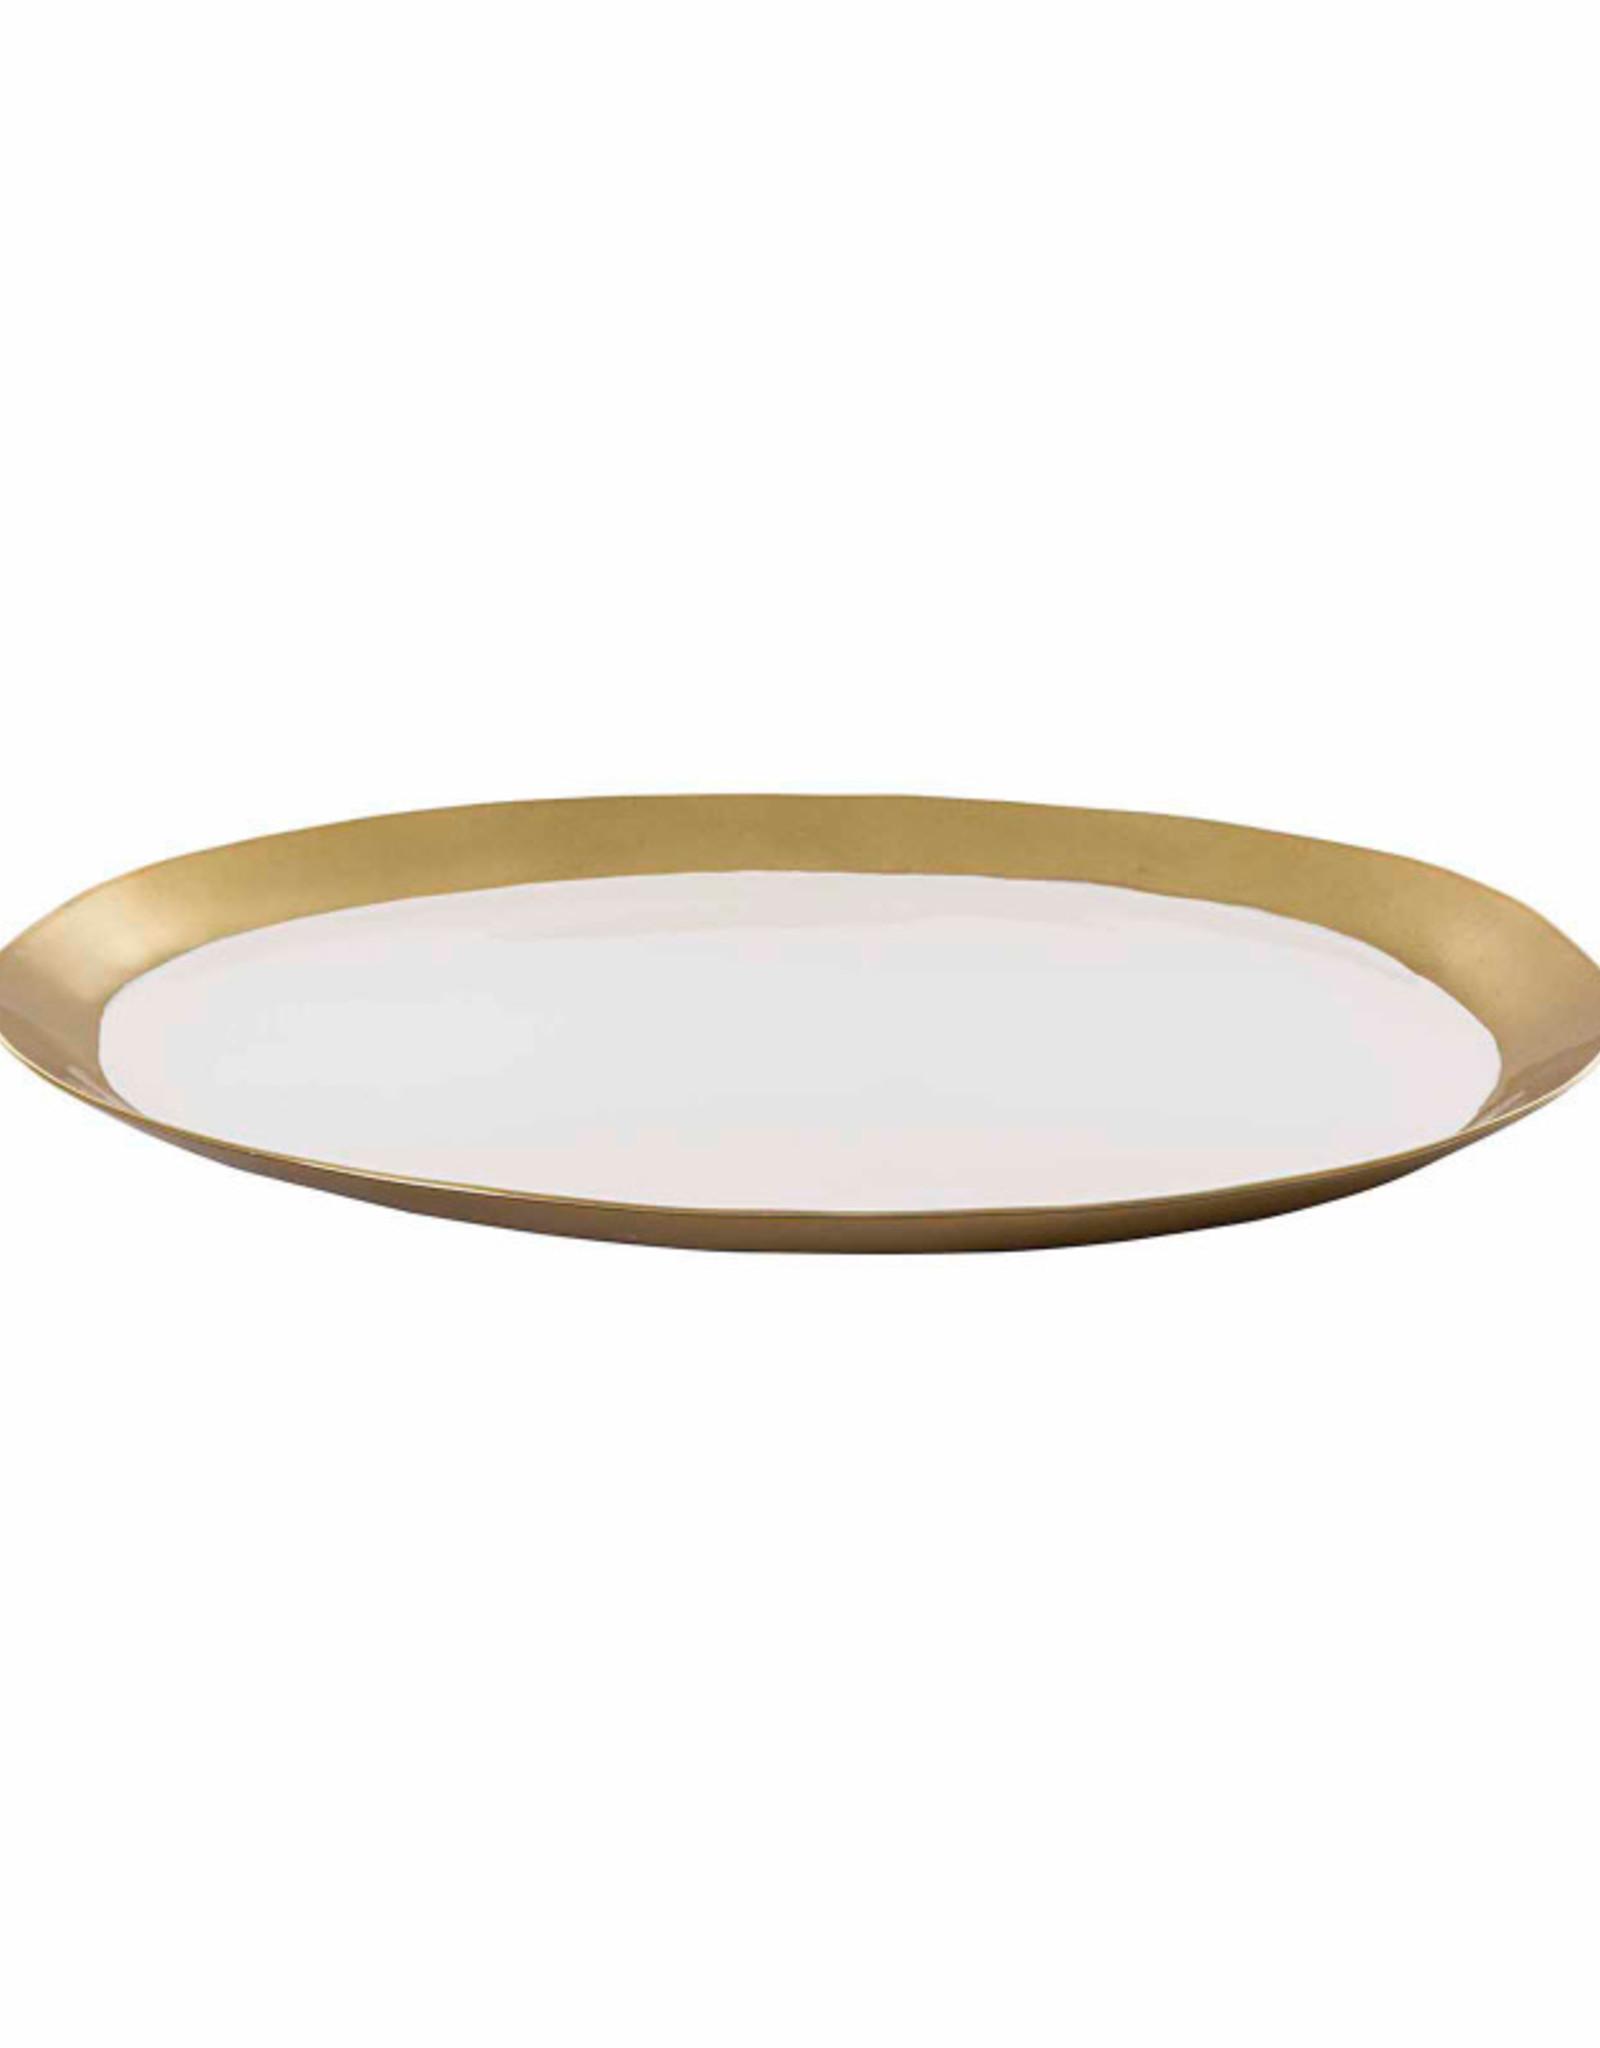 White Enamel Round Tray with Gold